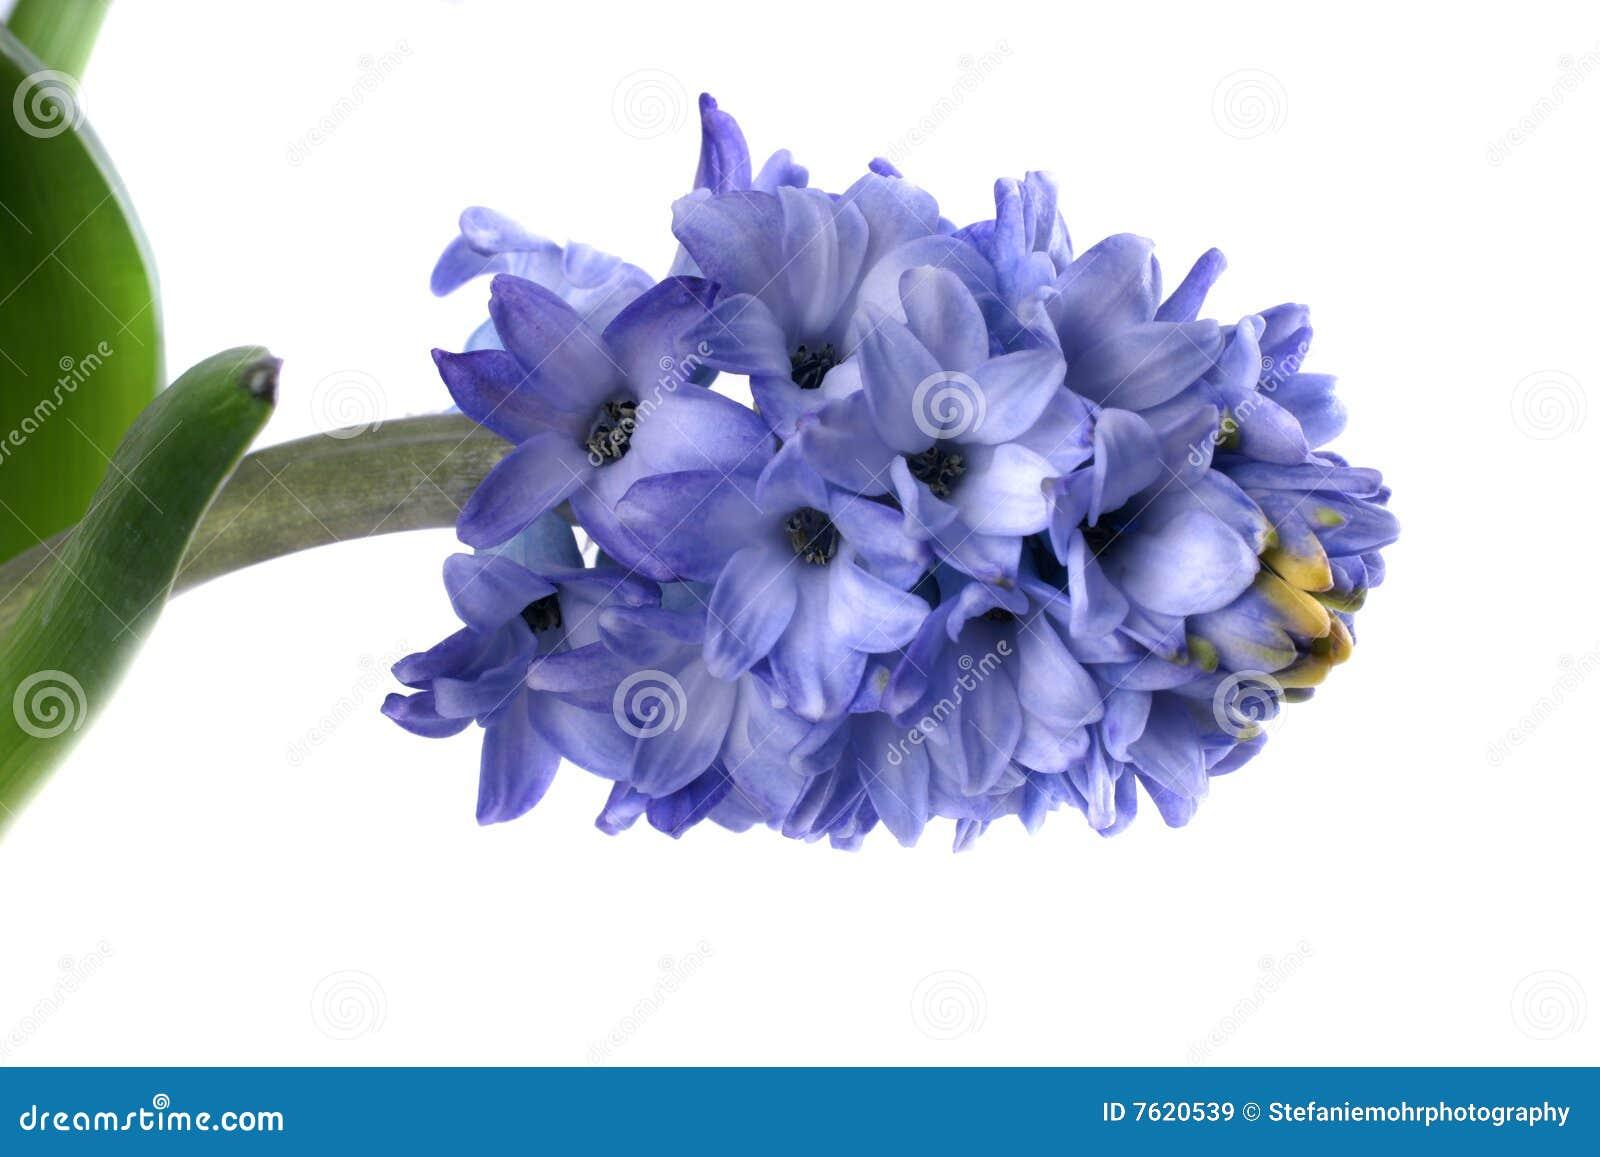 蓝色风信花